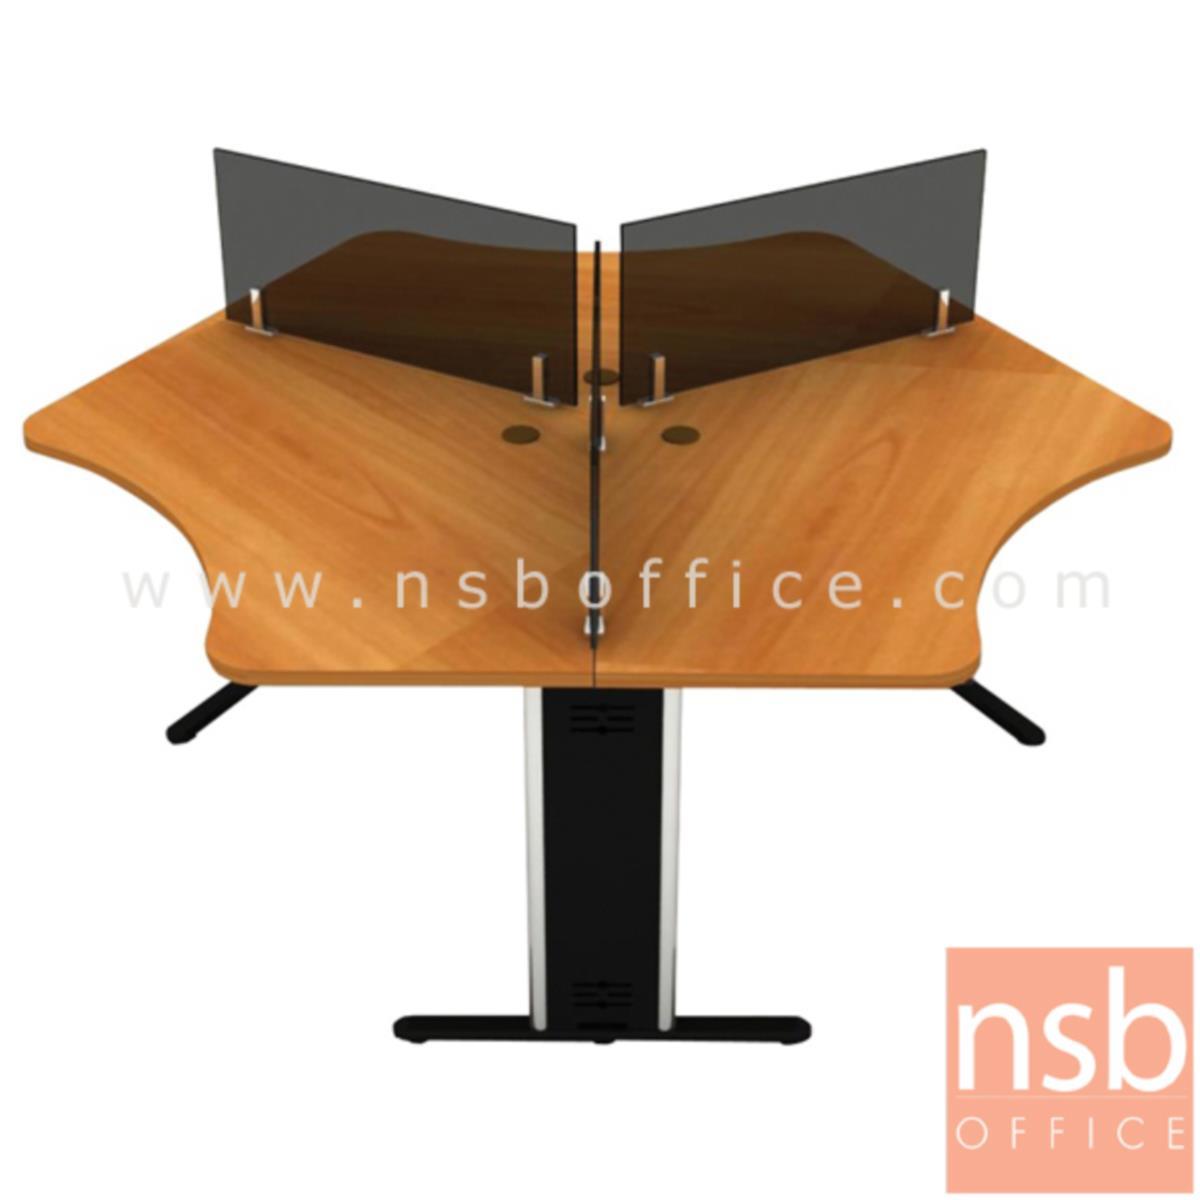 A27A005:ชุดโต๊ะทำงานกลุ่ม 3 ที่นั่ง  รุ่น NSB-005 ขนาด 90W ,120W cm. พร้อมมินิสกรีน